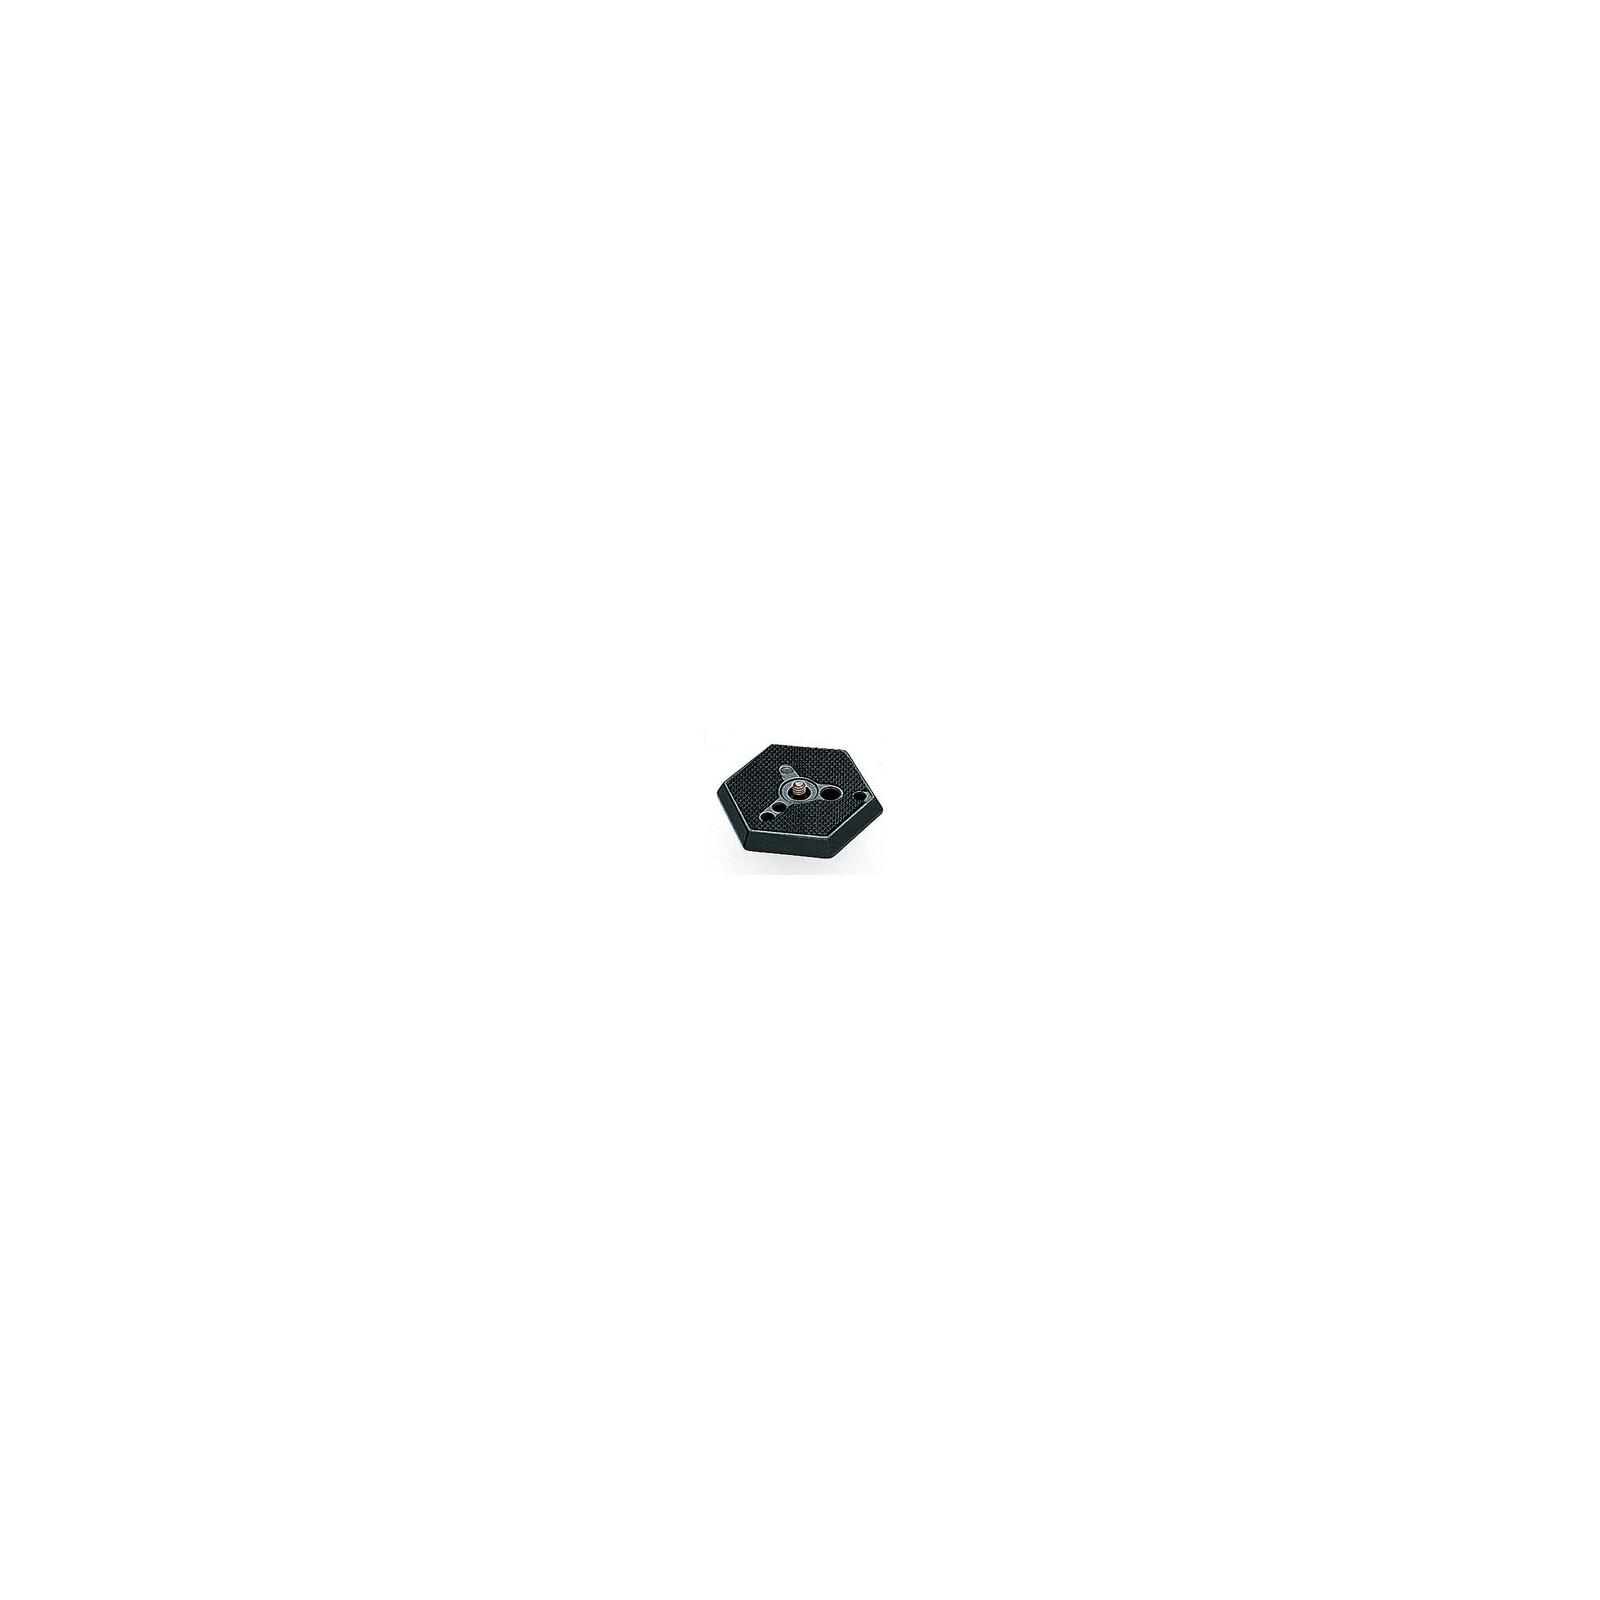 Manfrotto 030-14 Schnellwechselplatte